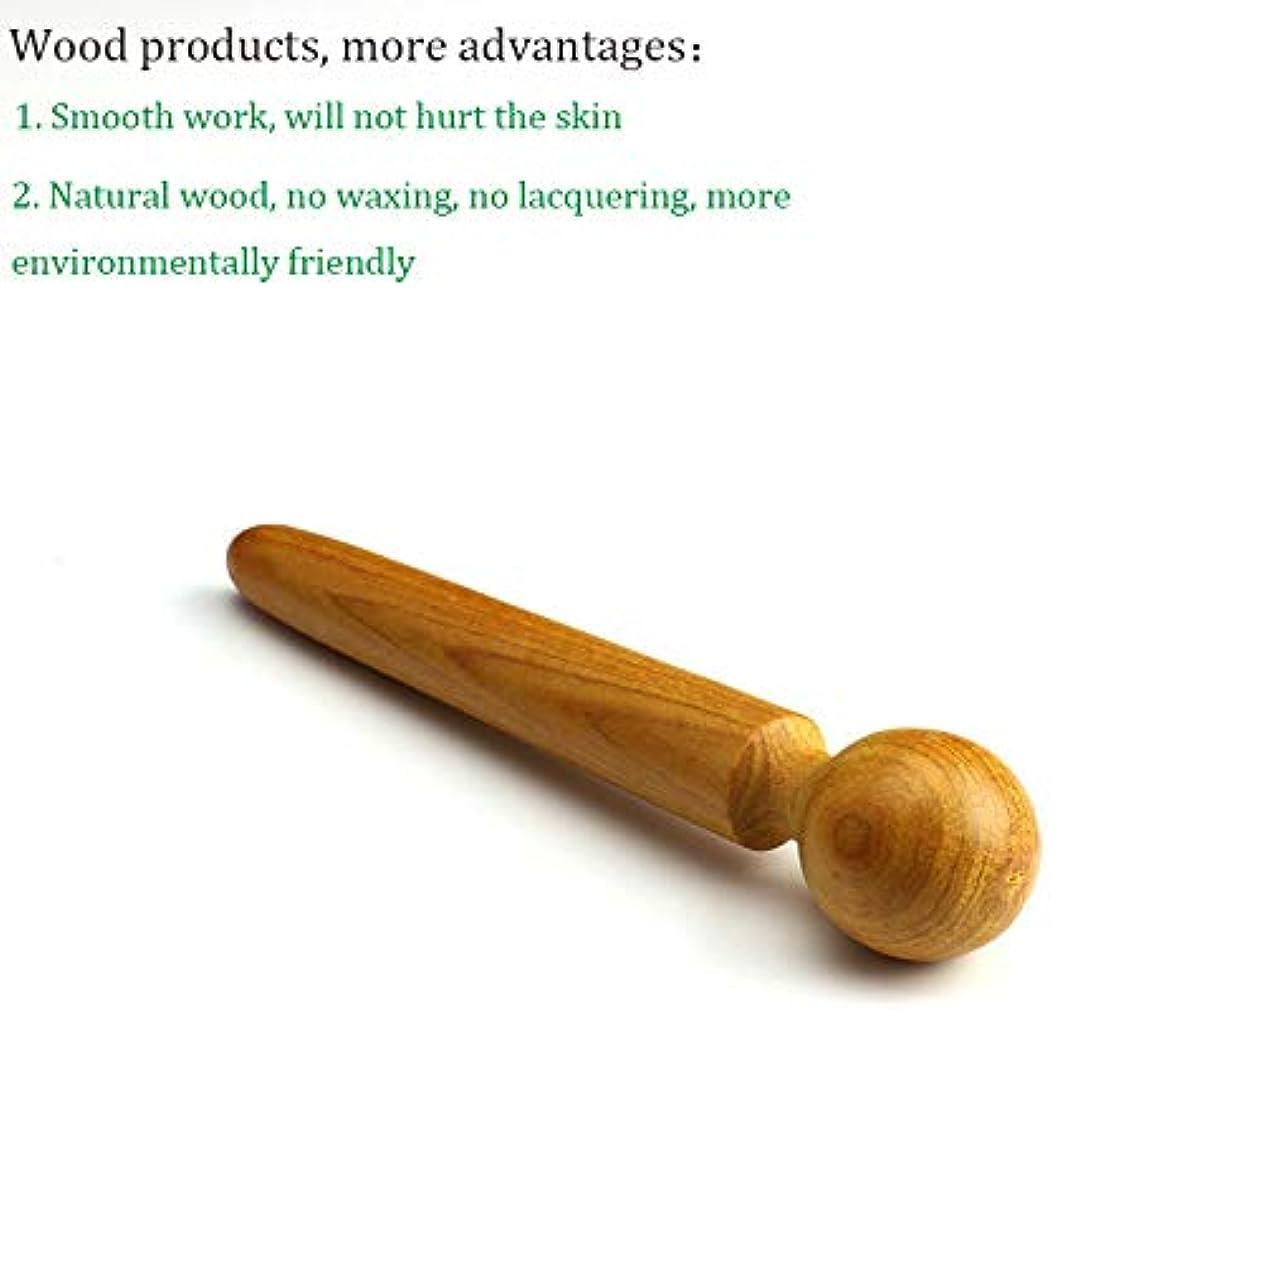 フレッシュバリータイヤDC 木製マッサージャー 木製フットポイントスティック 鍼治療ポイントロッドSPAボディフットマッサージツール 疲労緩和